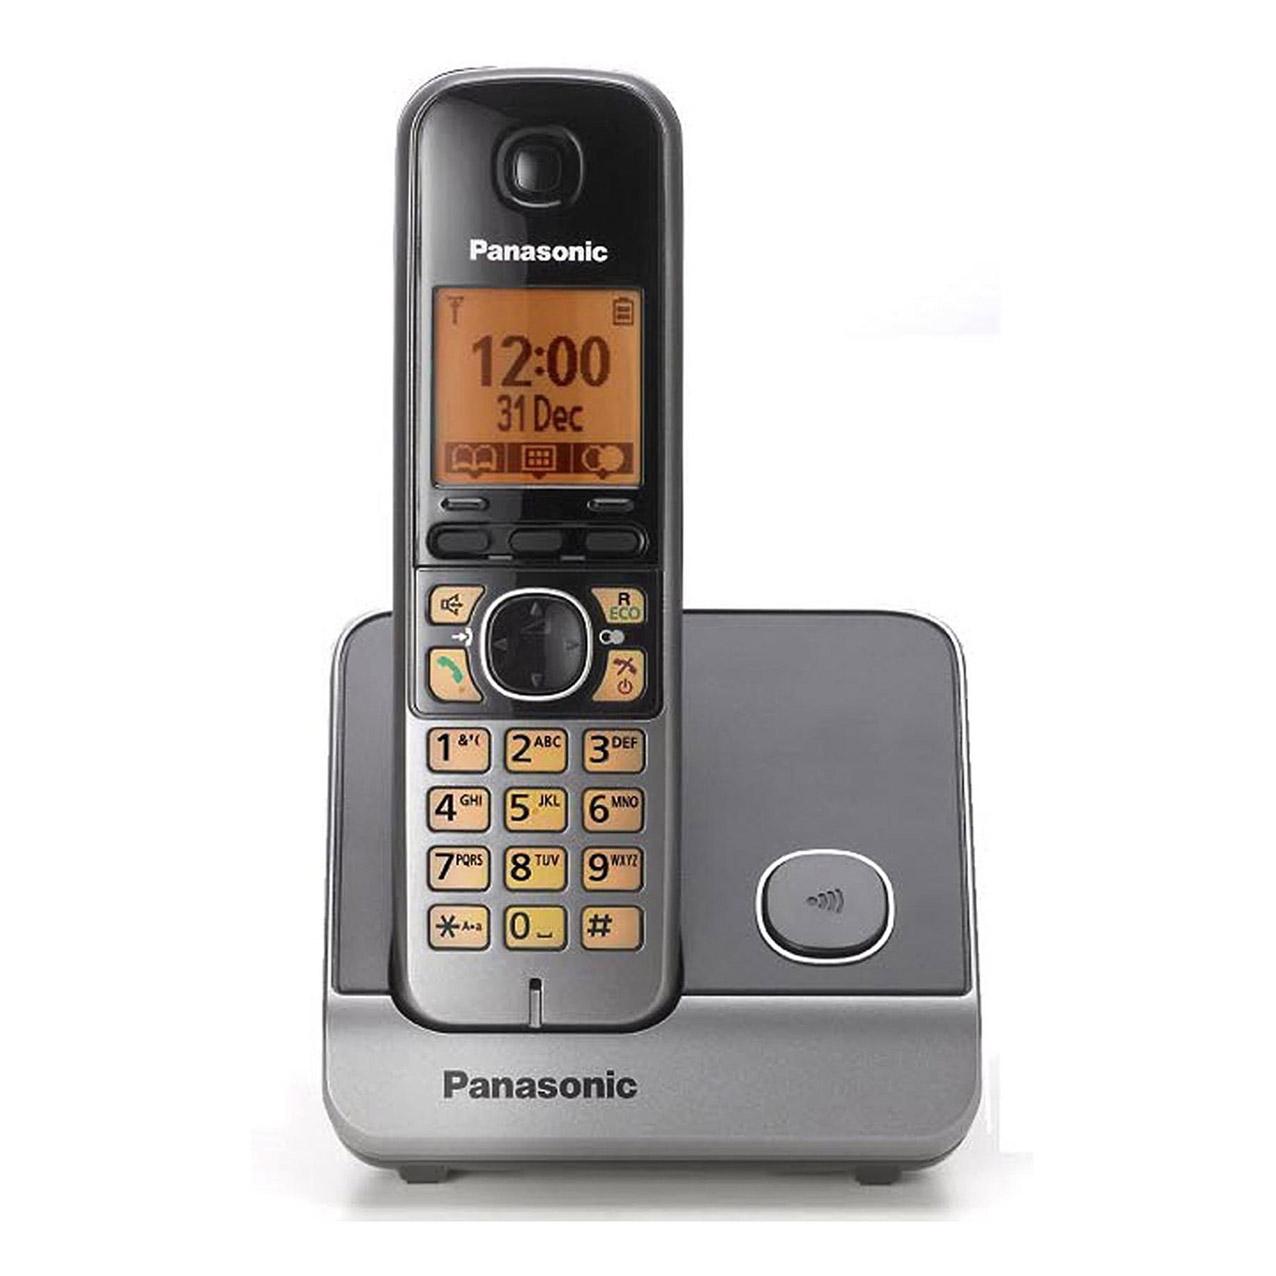 گوشی تلفن بیسیم پاناسونیک مدل Panasonic-KX-TG6711 | نقره ای